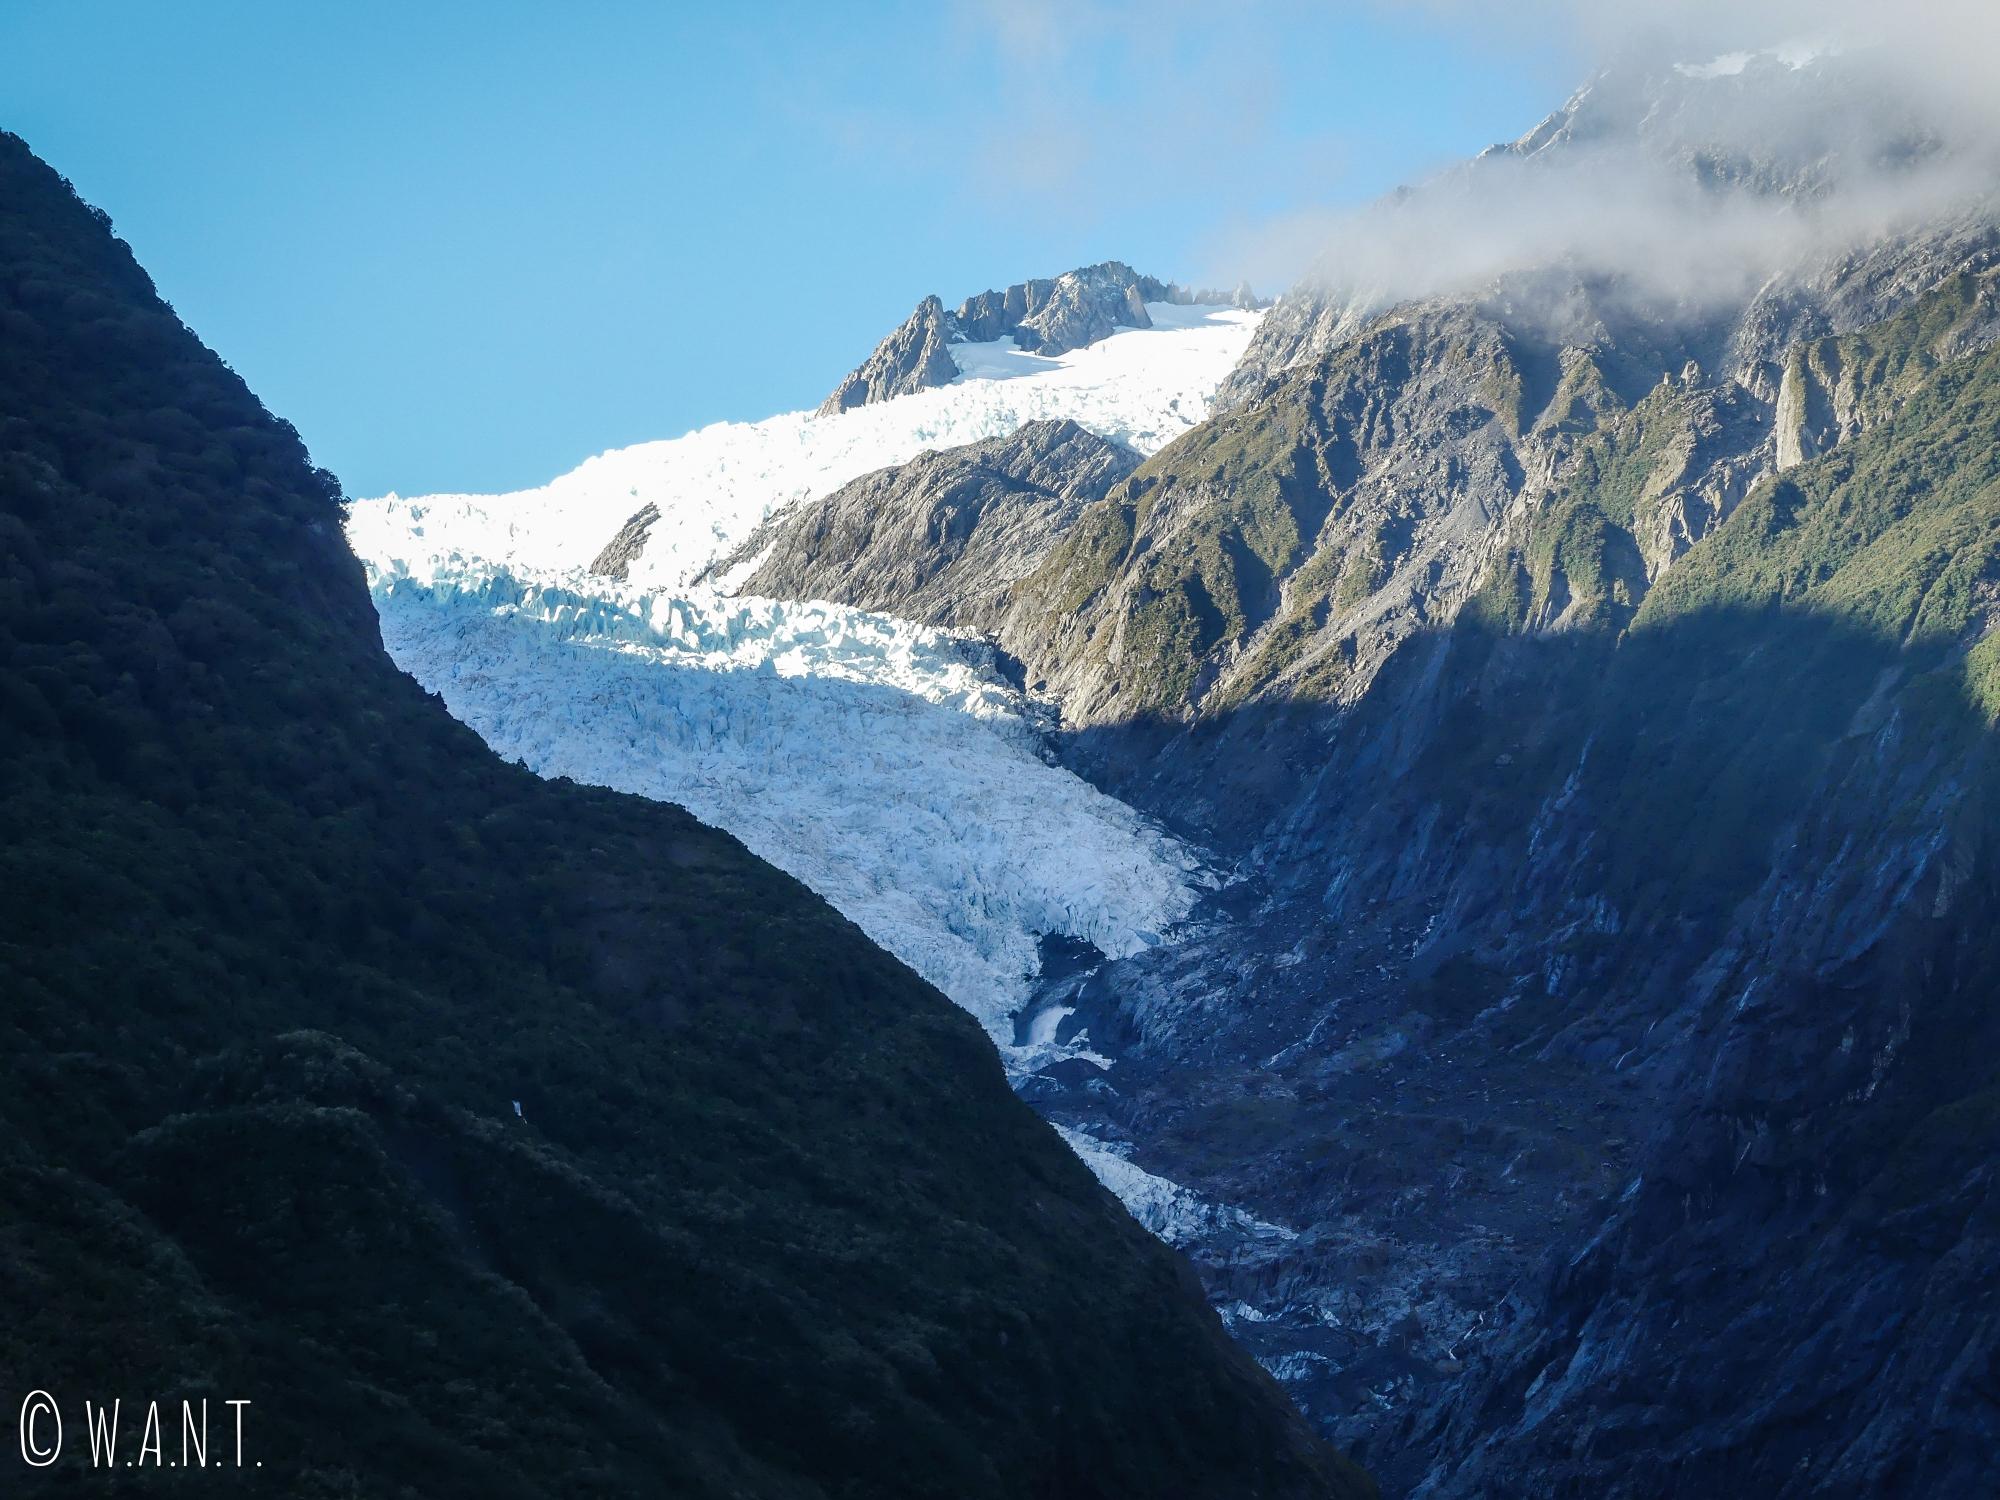 Le Franz Joseph Glacier en Nouvelle-Zélande fond un peu plus chaque année